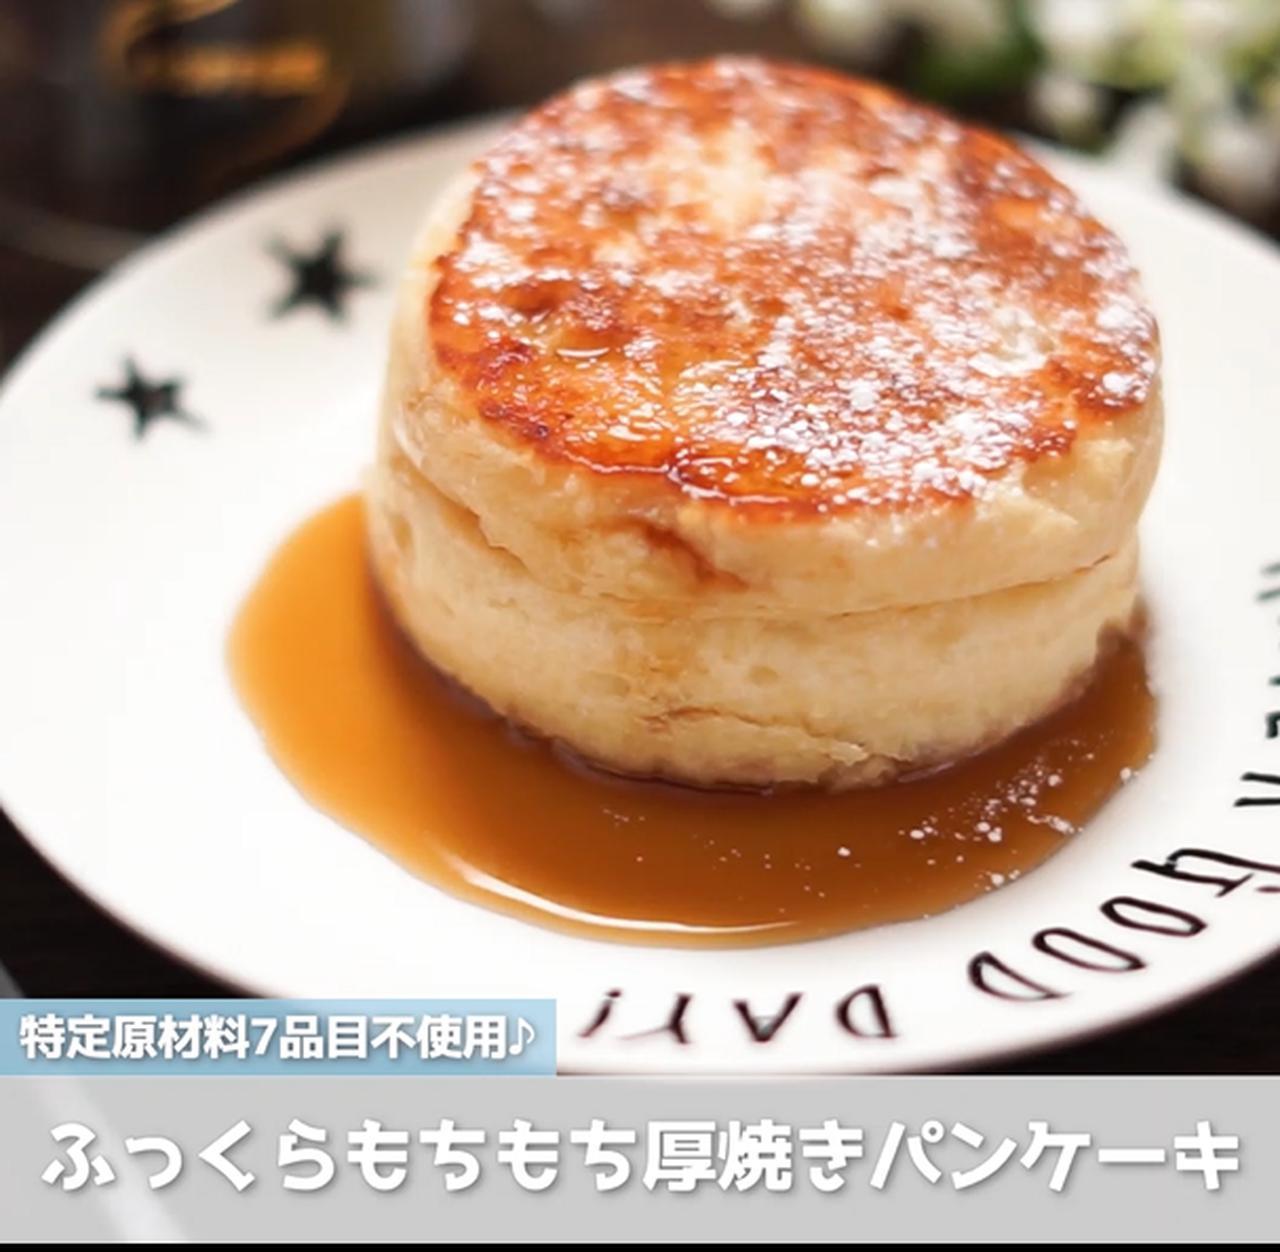 画像: ふっくらもちもち豆腐と米粉の厚焼きパンケーキ - 君とごはん